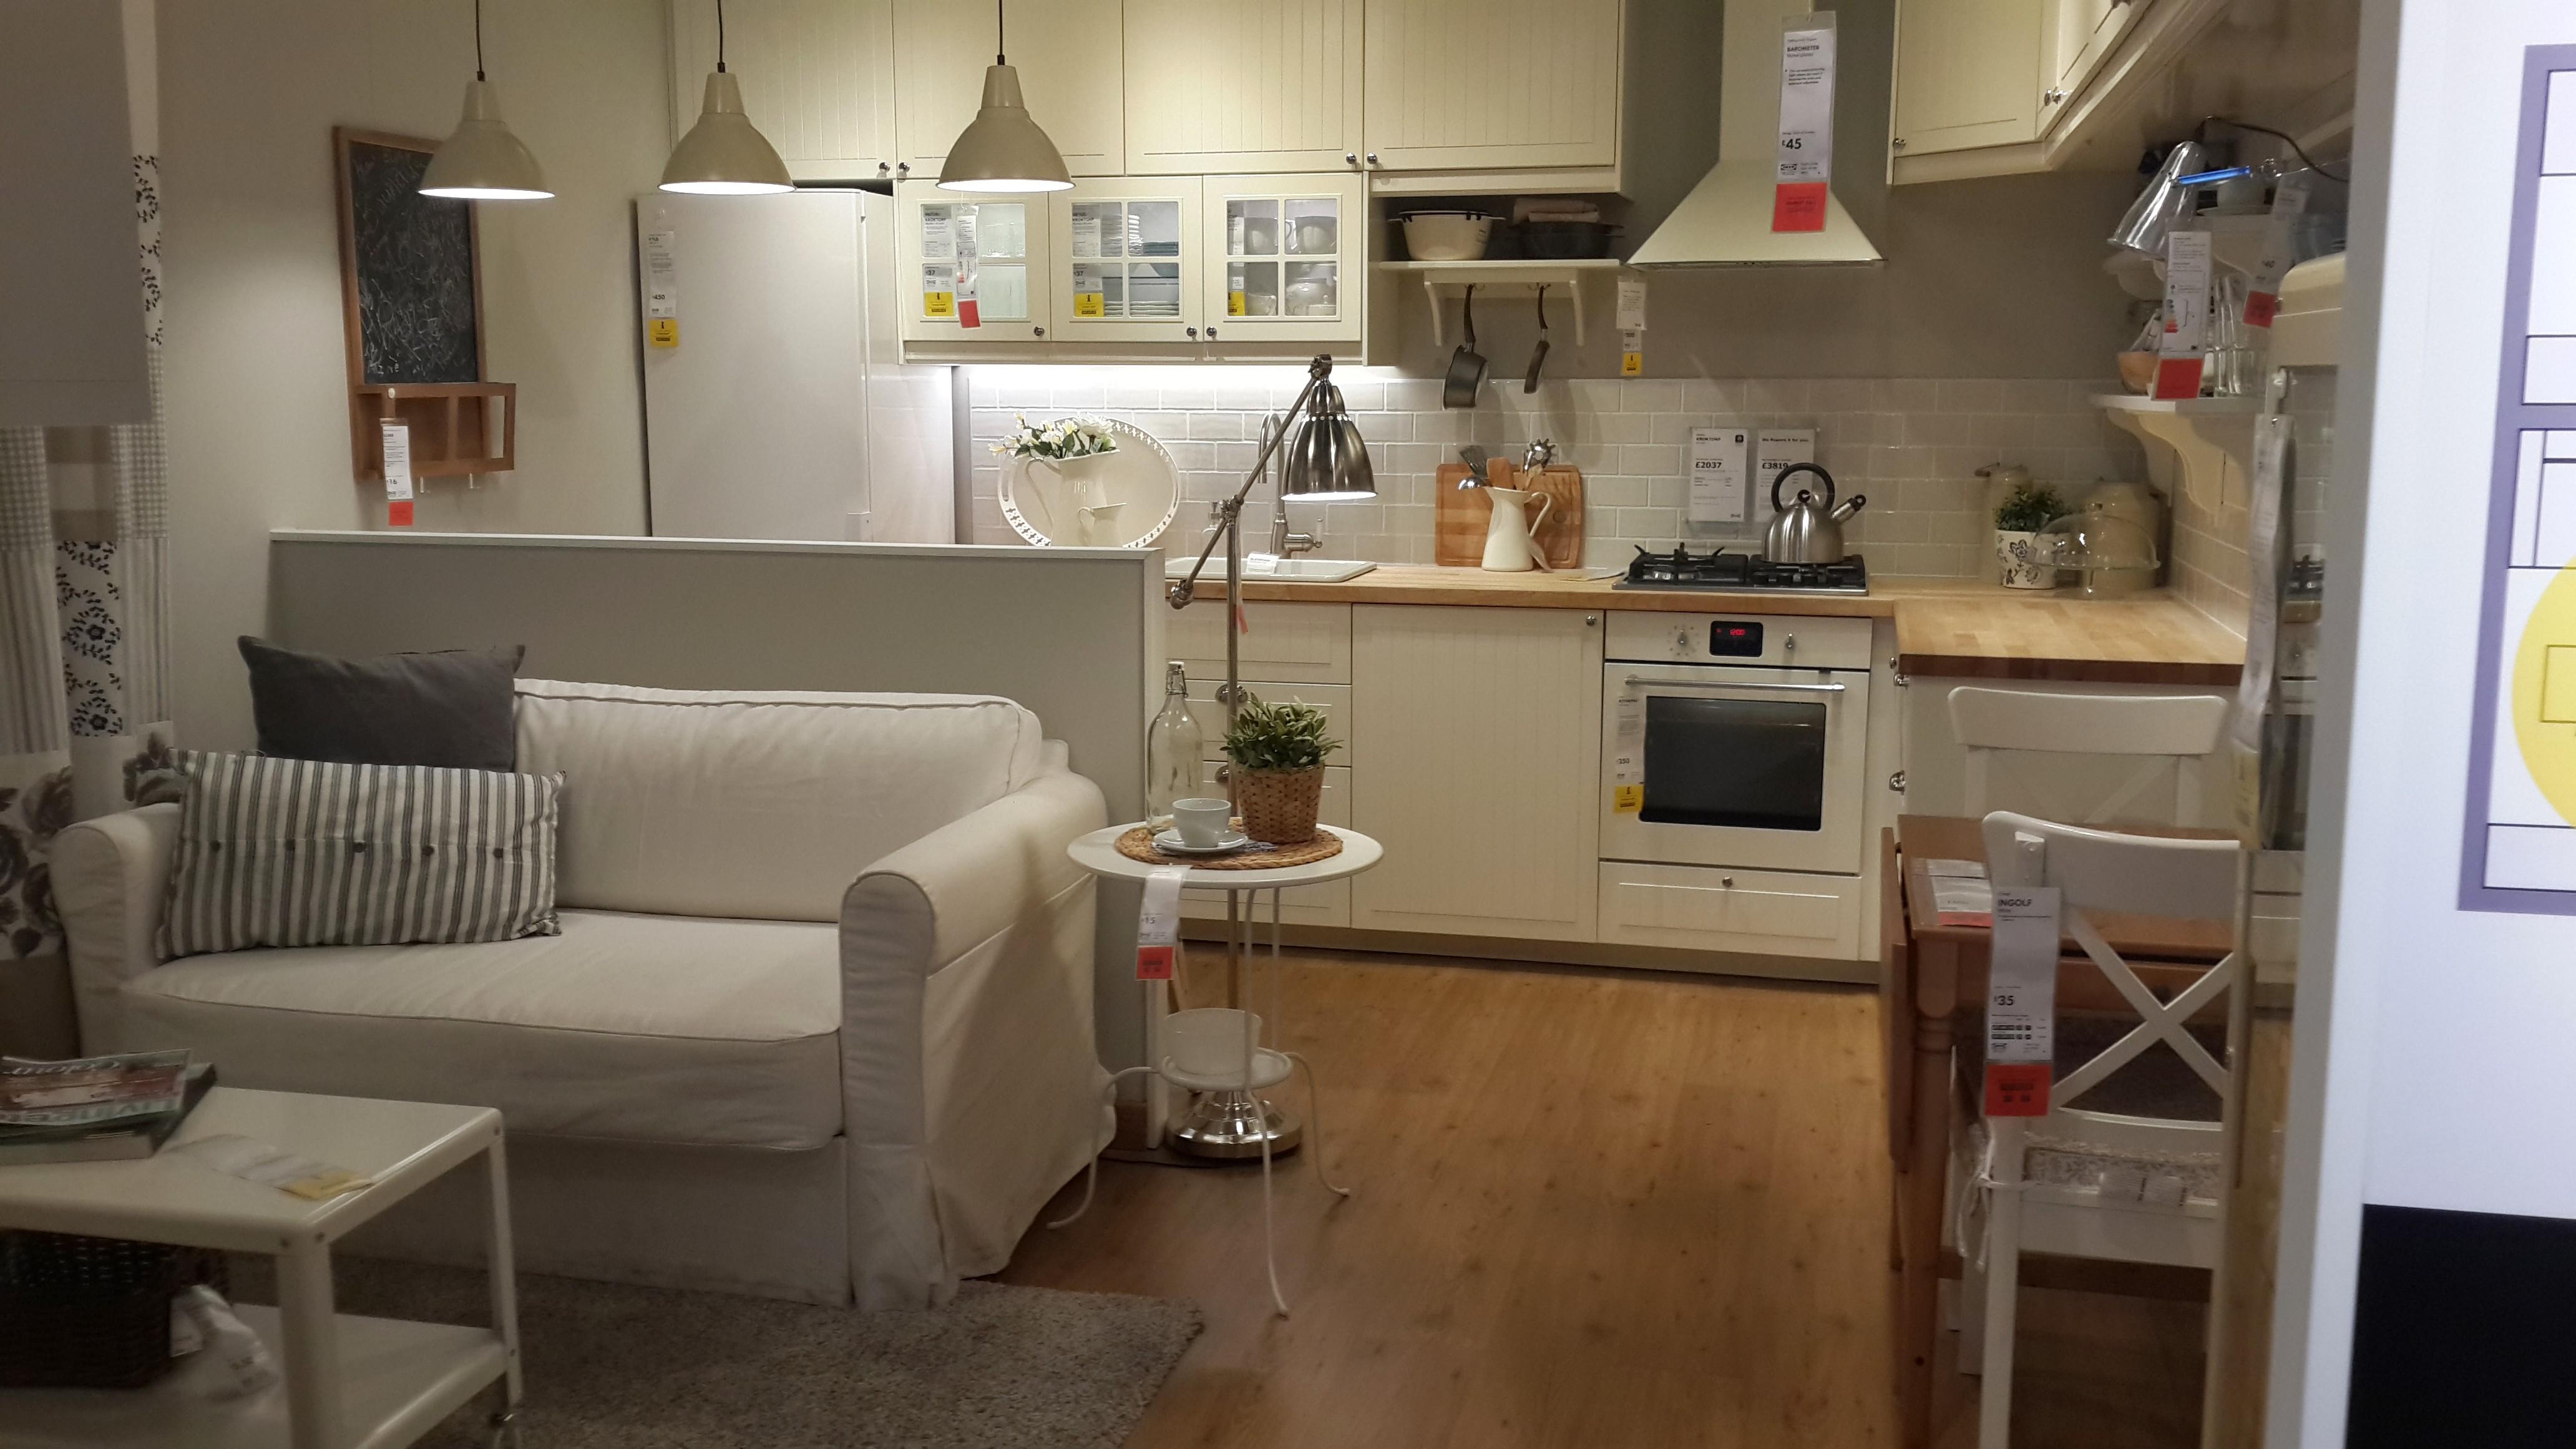 IKEA Please Come to Kenya Home Owners Eye : 35 living from homeownerseye.wordpress.com size 4128 x 2322 jpeg 1177kB